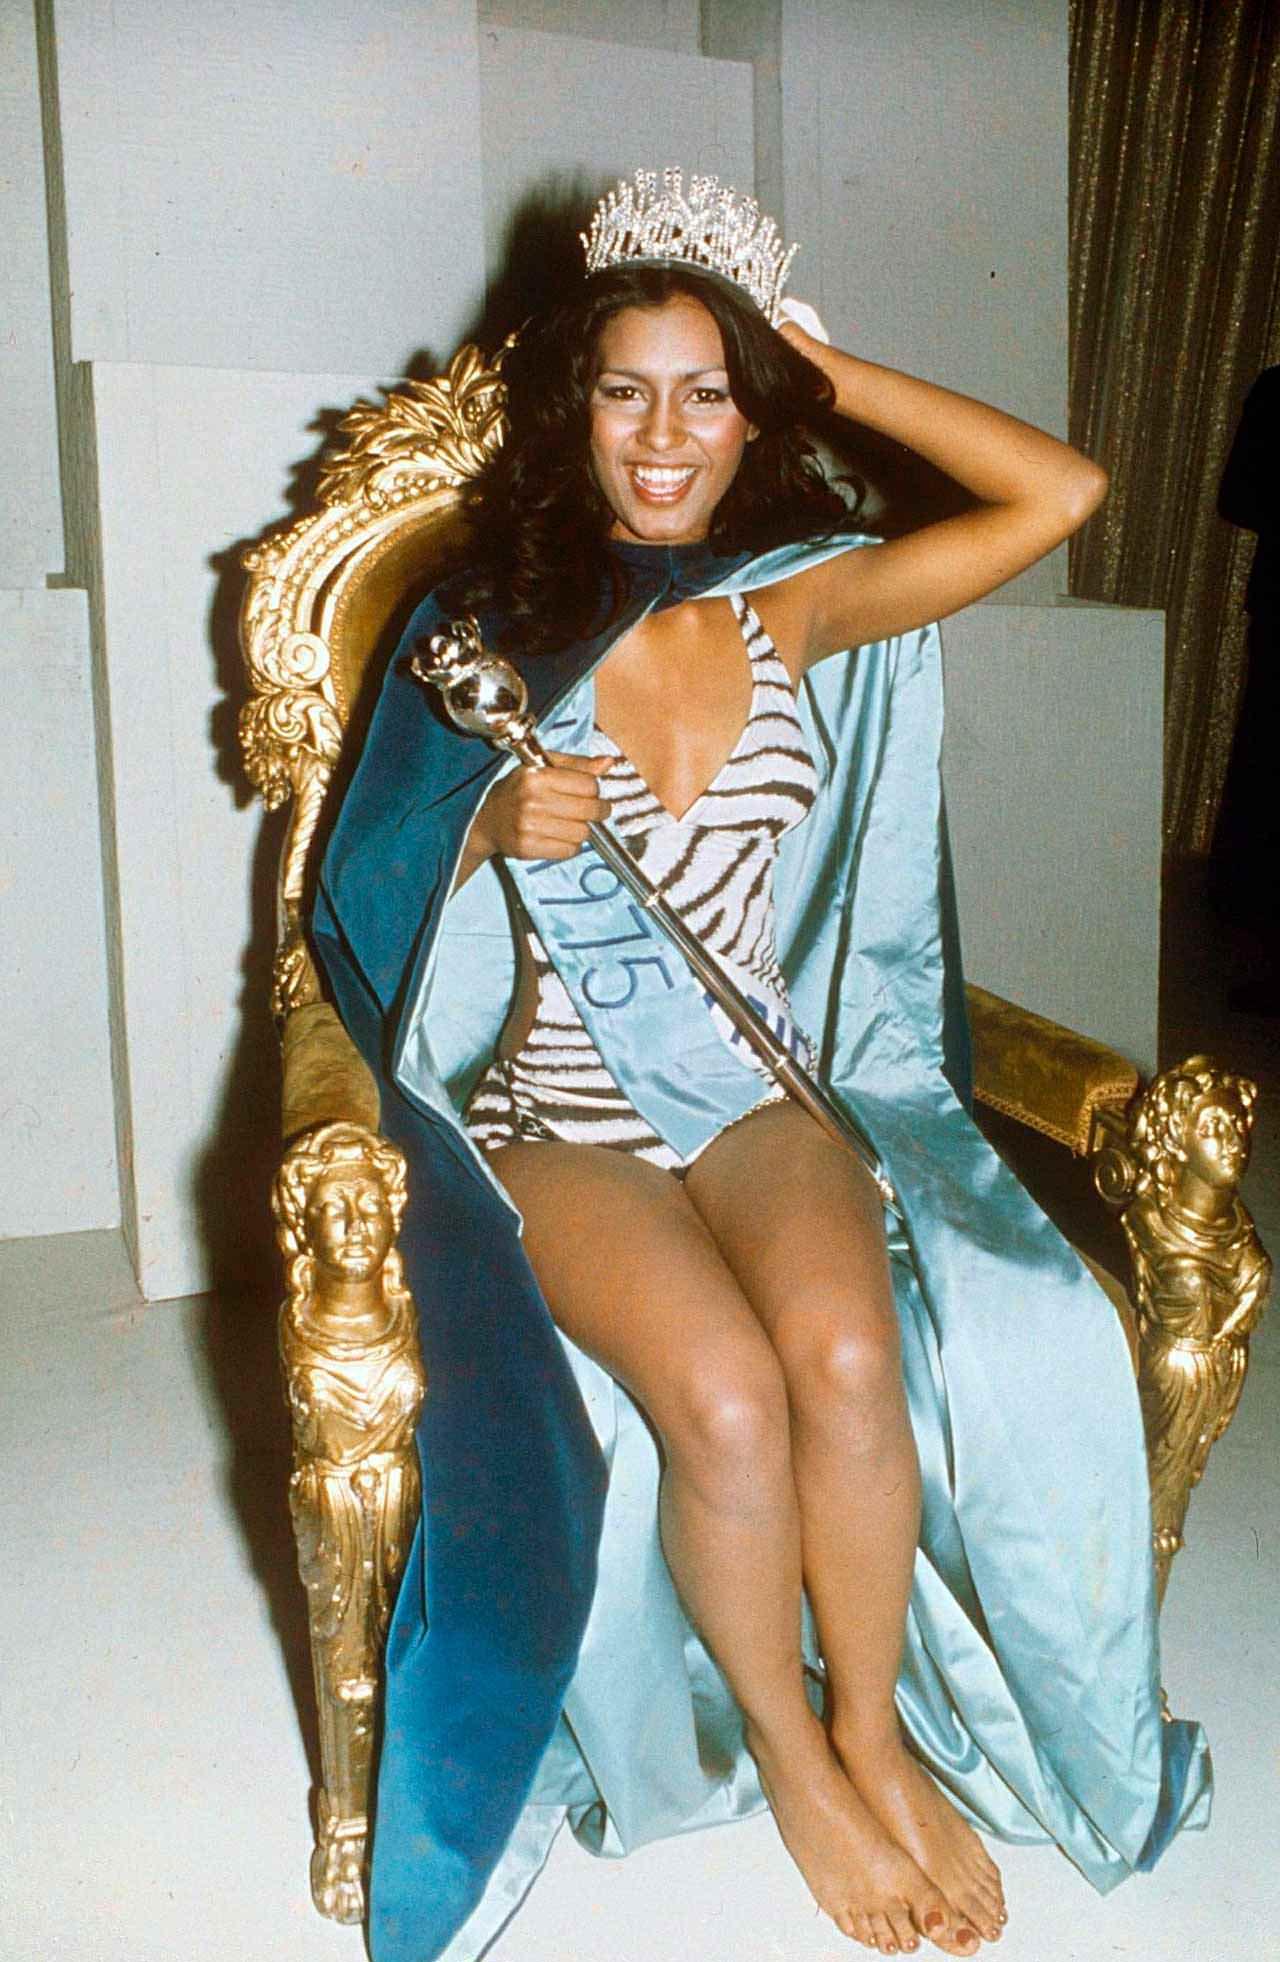 Фото | Мисс Мира 1975 года Вильнелия Мерсед